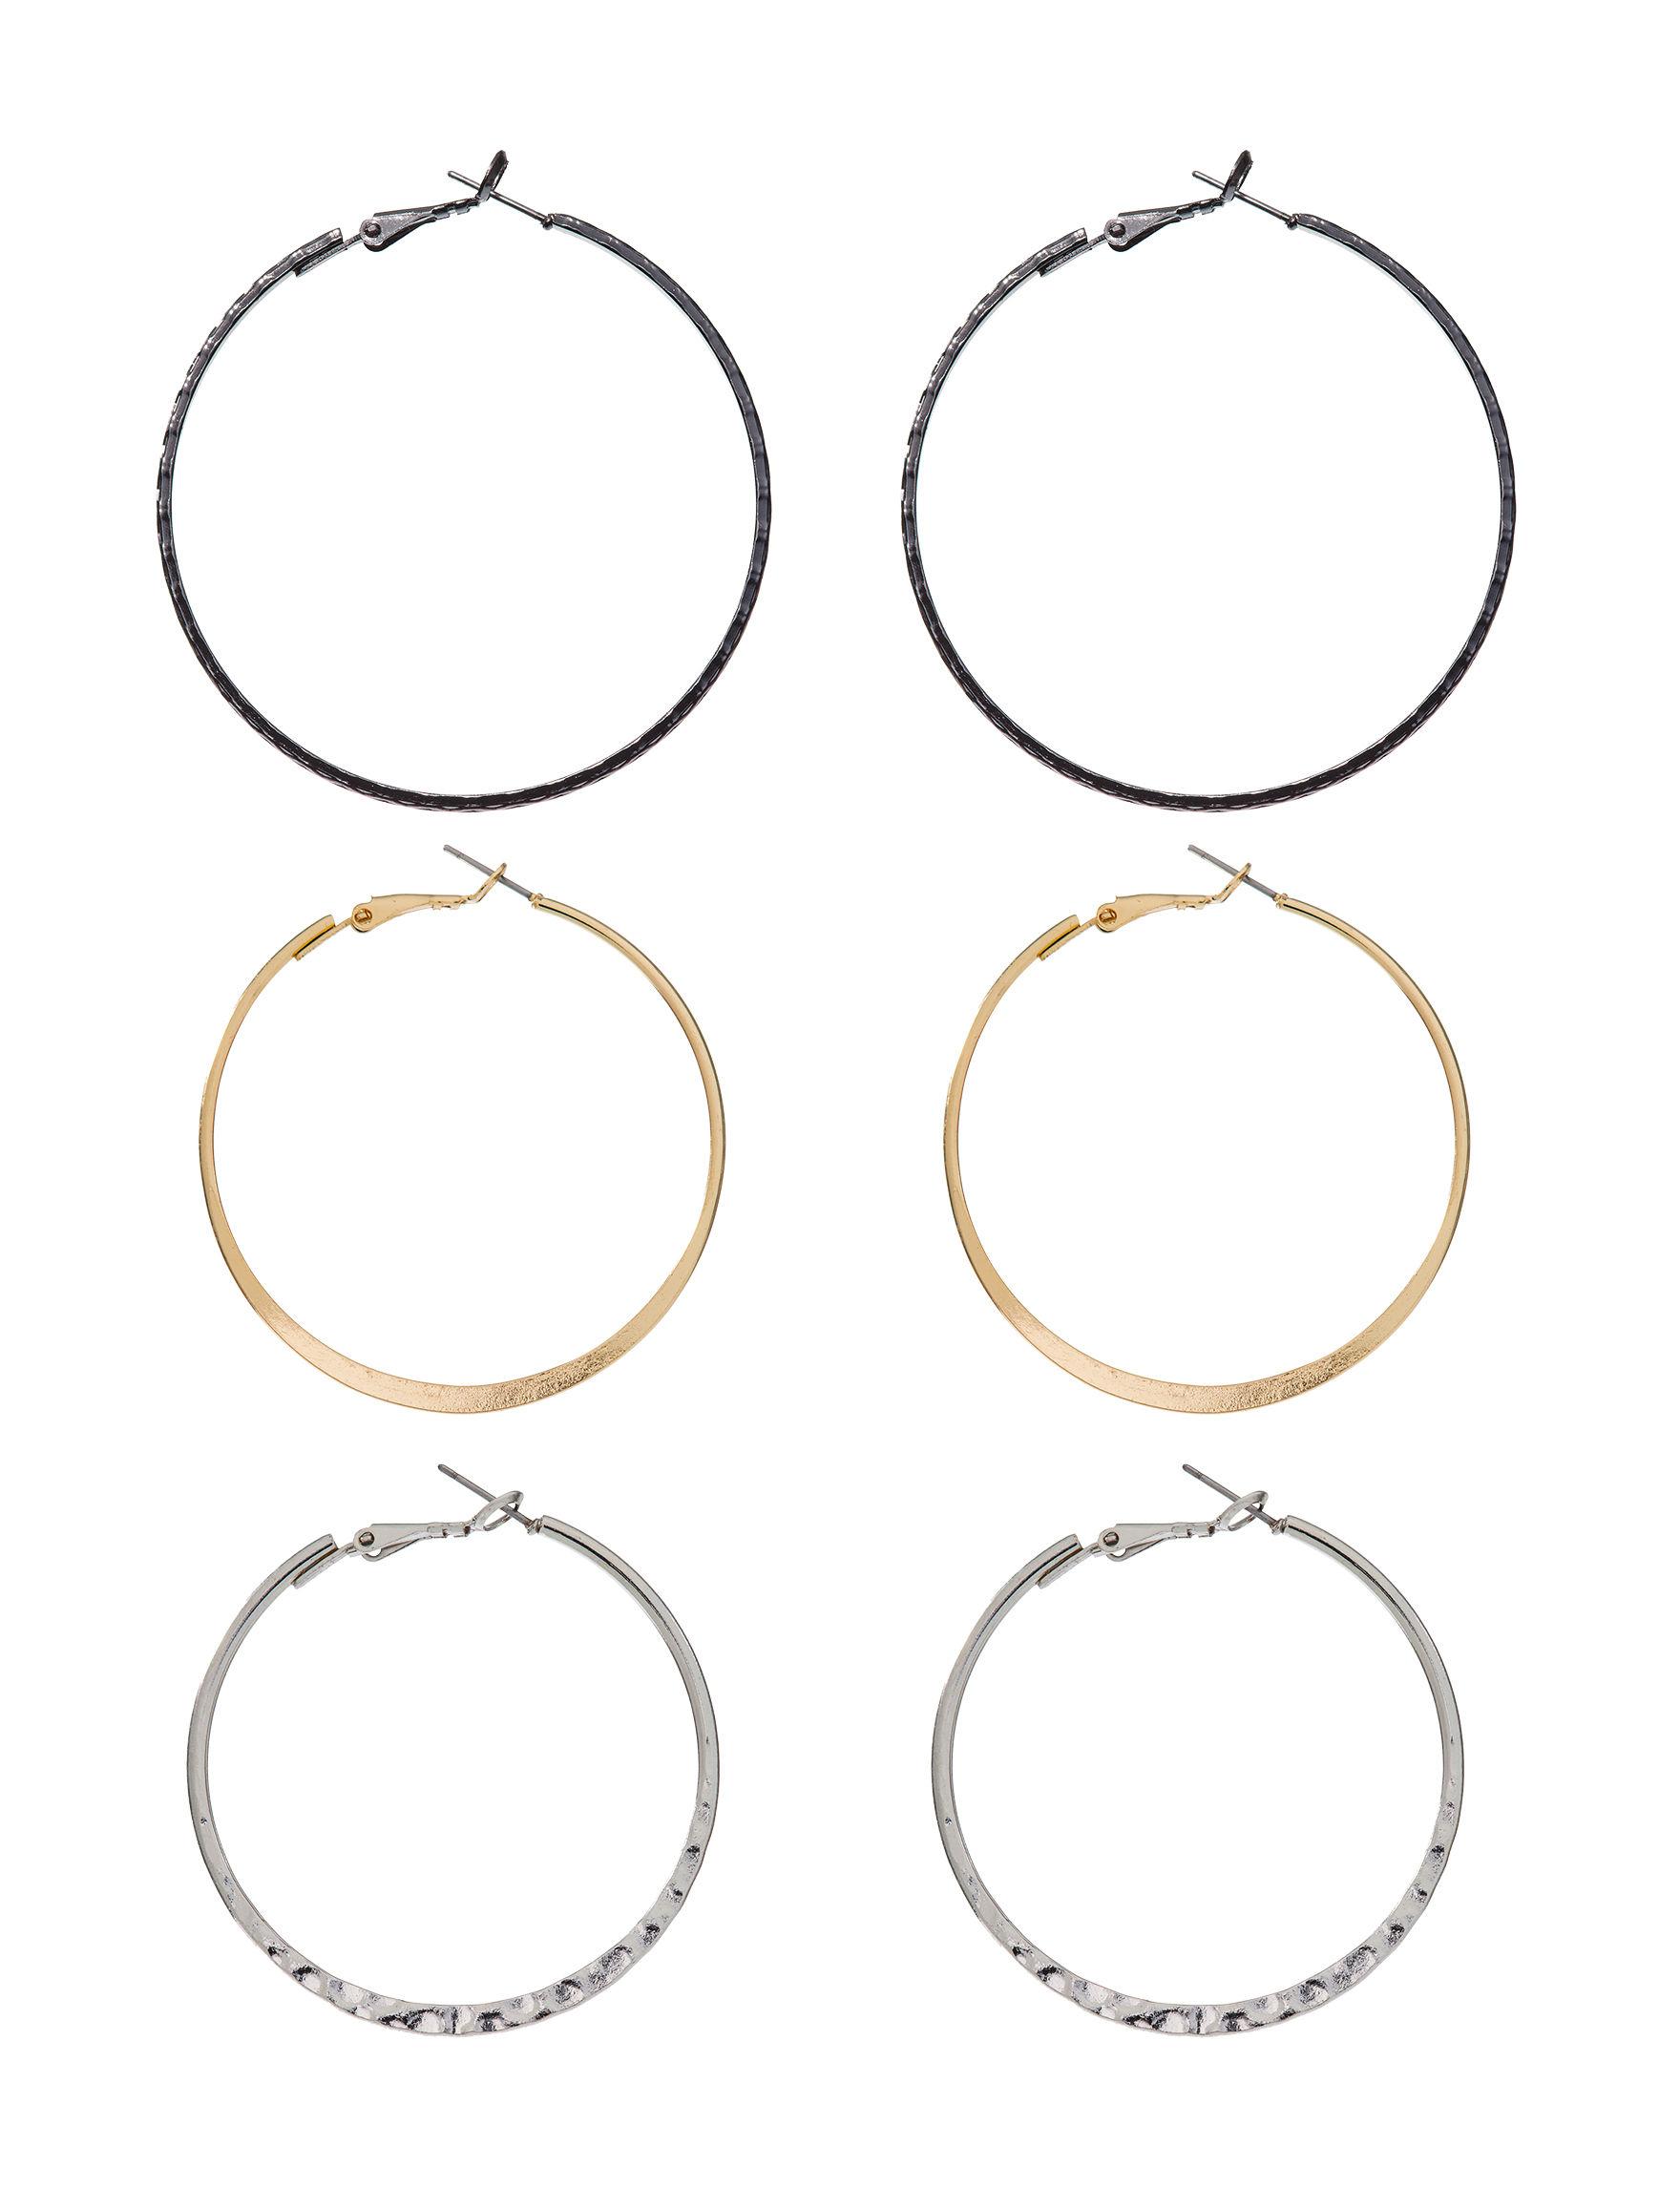 Hannah Silver Hoops Earrings Jewelry Sets Fashion Jewelry